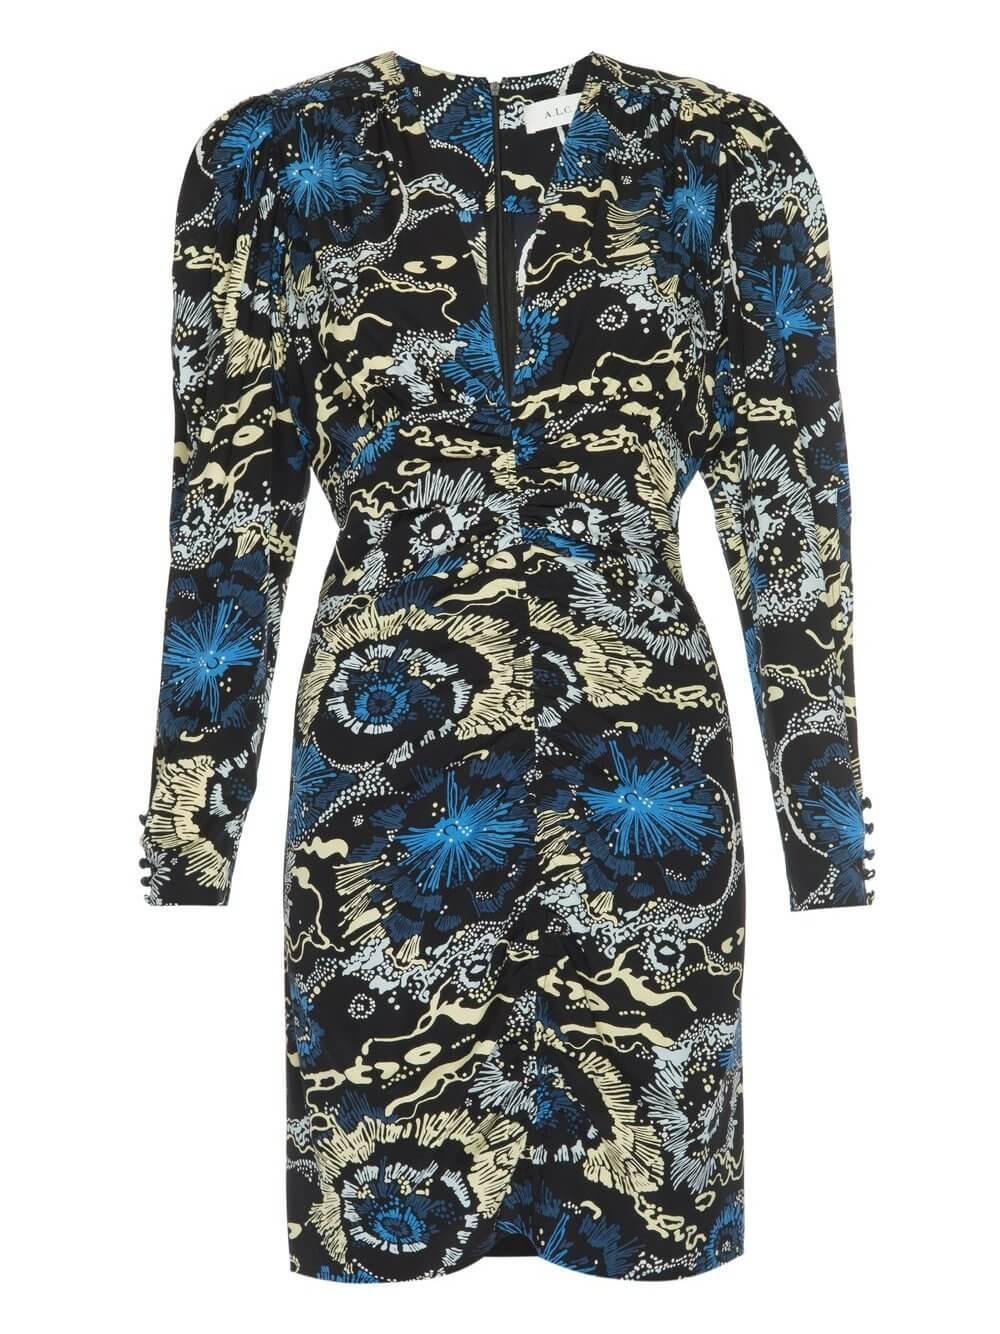 Roxy Dress Item # 6DRES01102